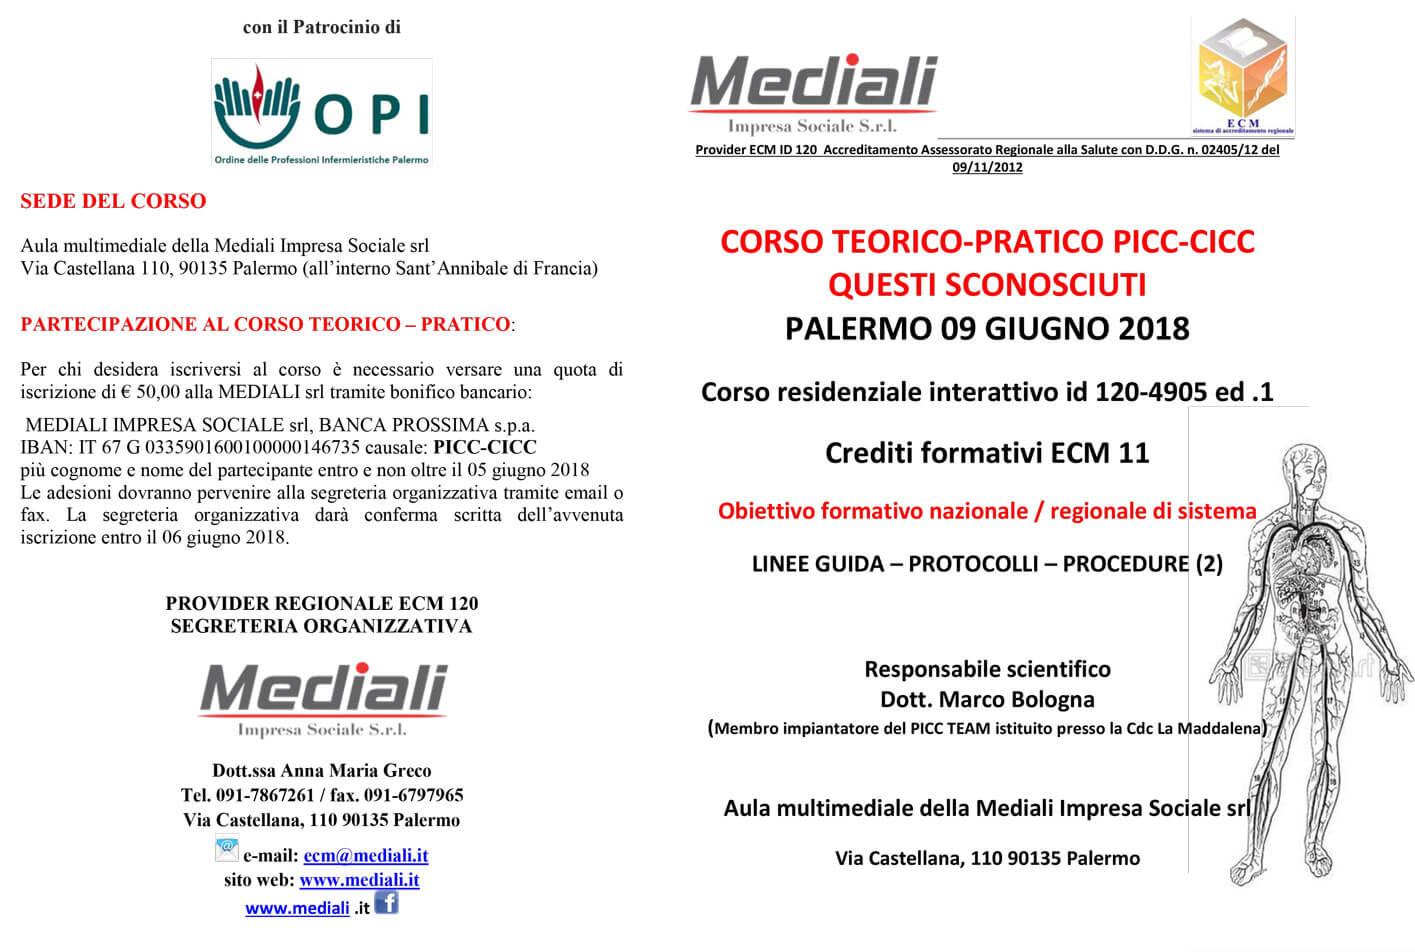 BROCHURE__Corso-teorico-pratico-PICC_CICC_QUESTI-SCONOSCIUTI_01